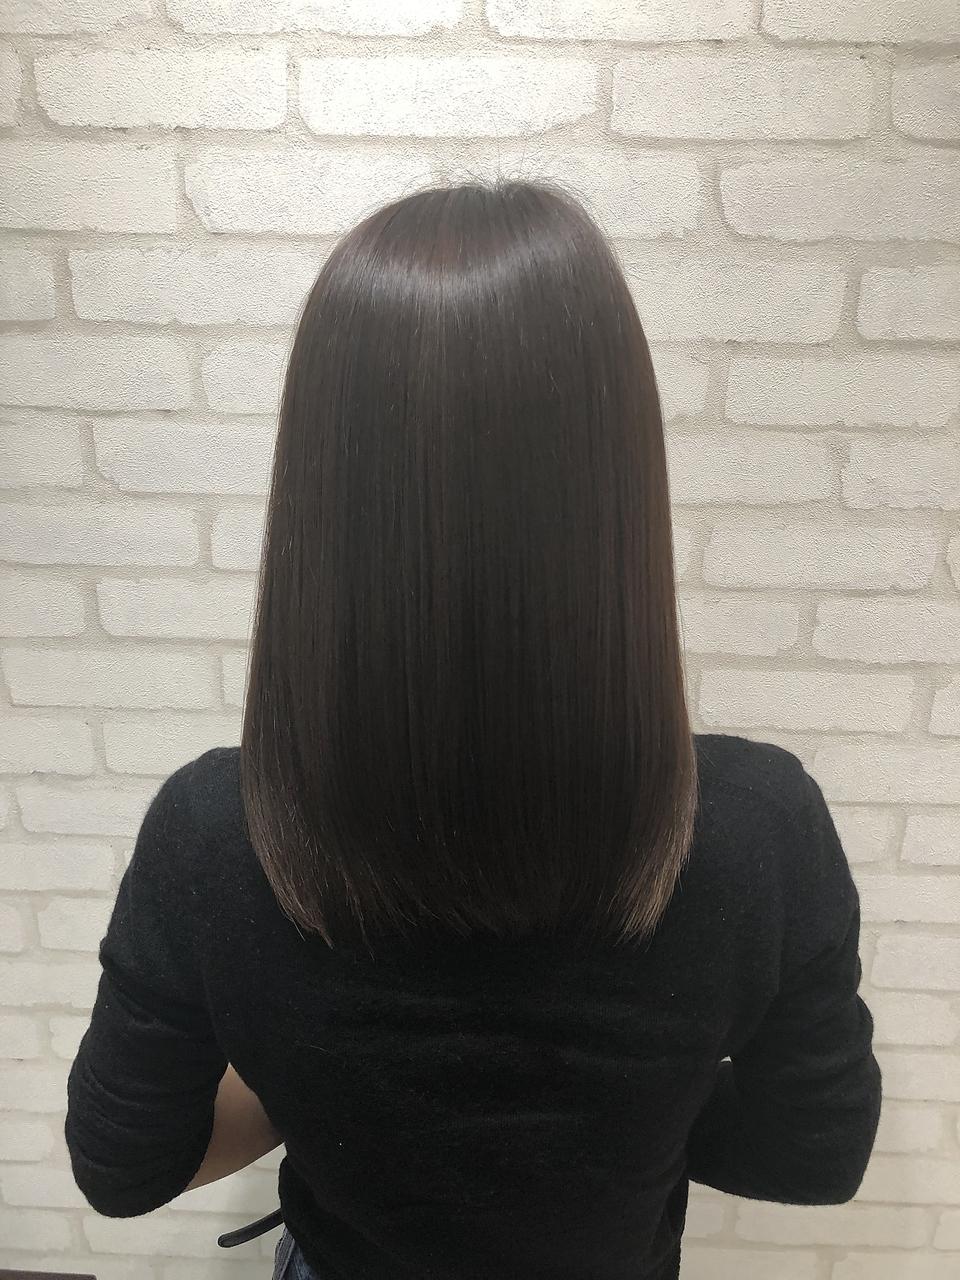 【60日間集中髪質改善】3回コース!サイエンスアクア美髪チャージ  ¥27500